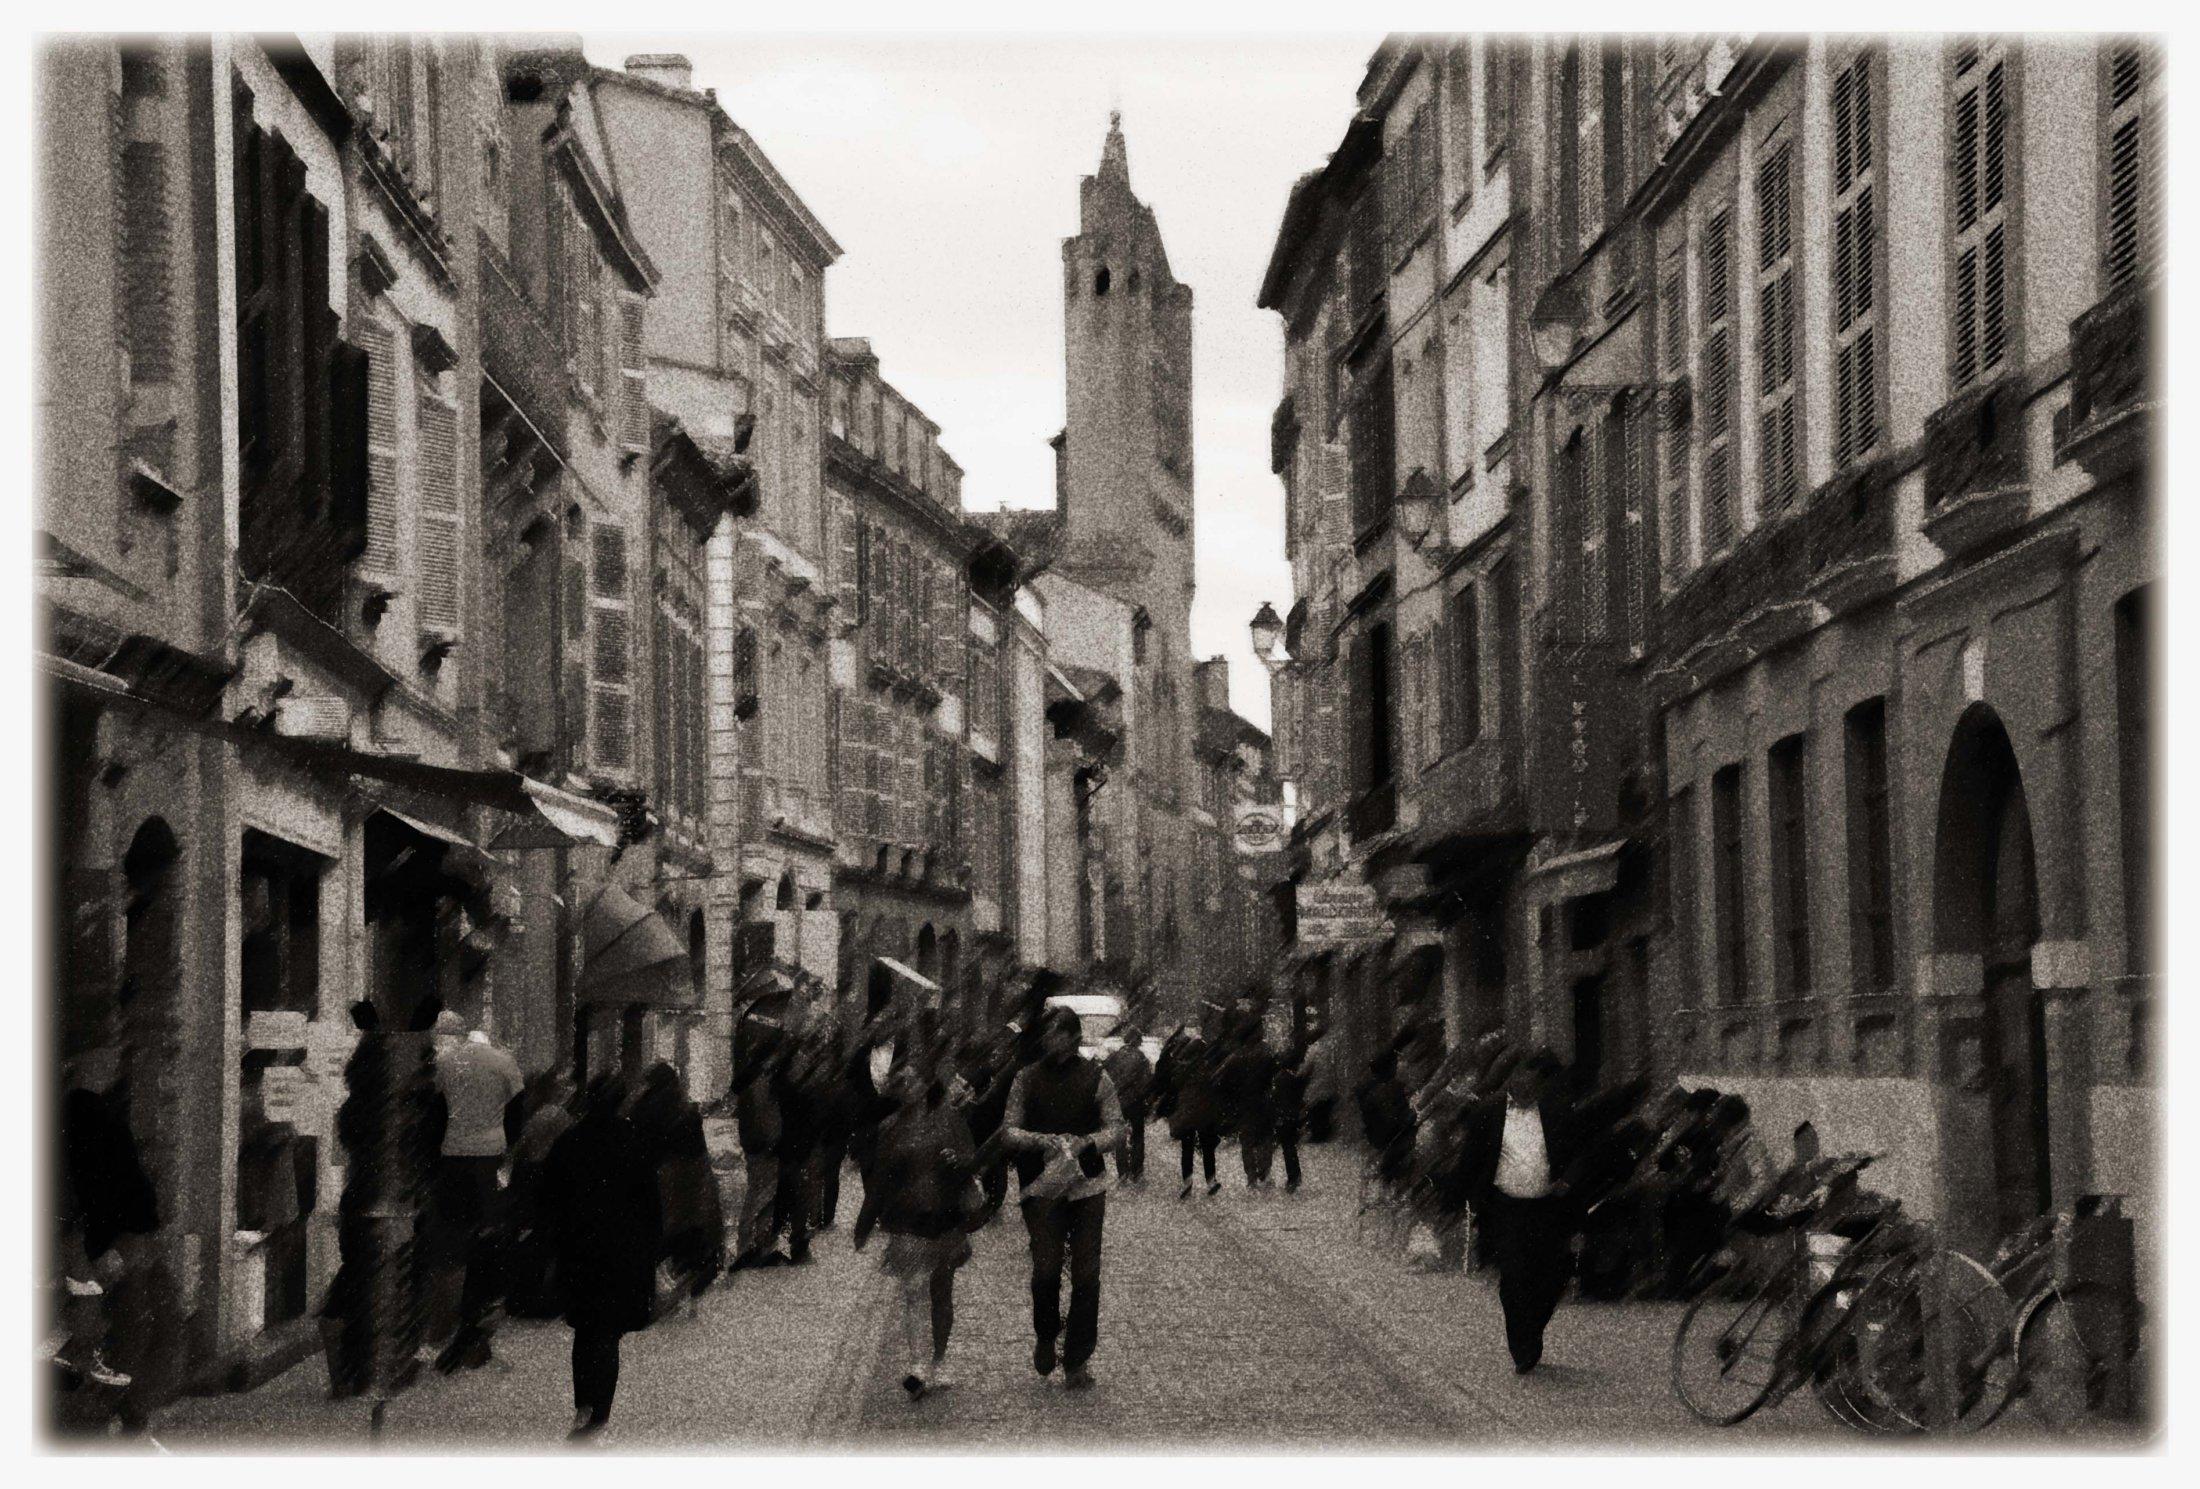 St Jean-de-Luz